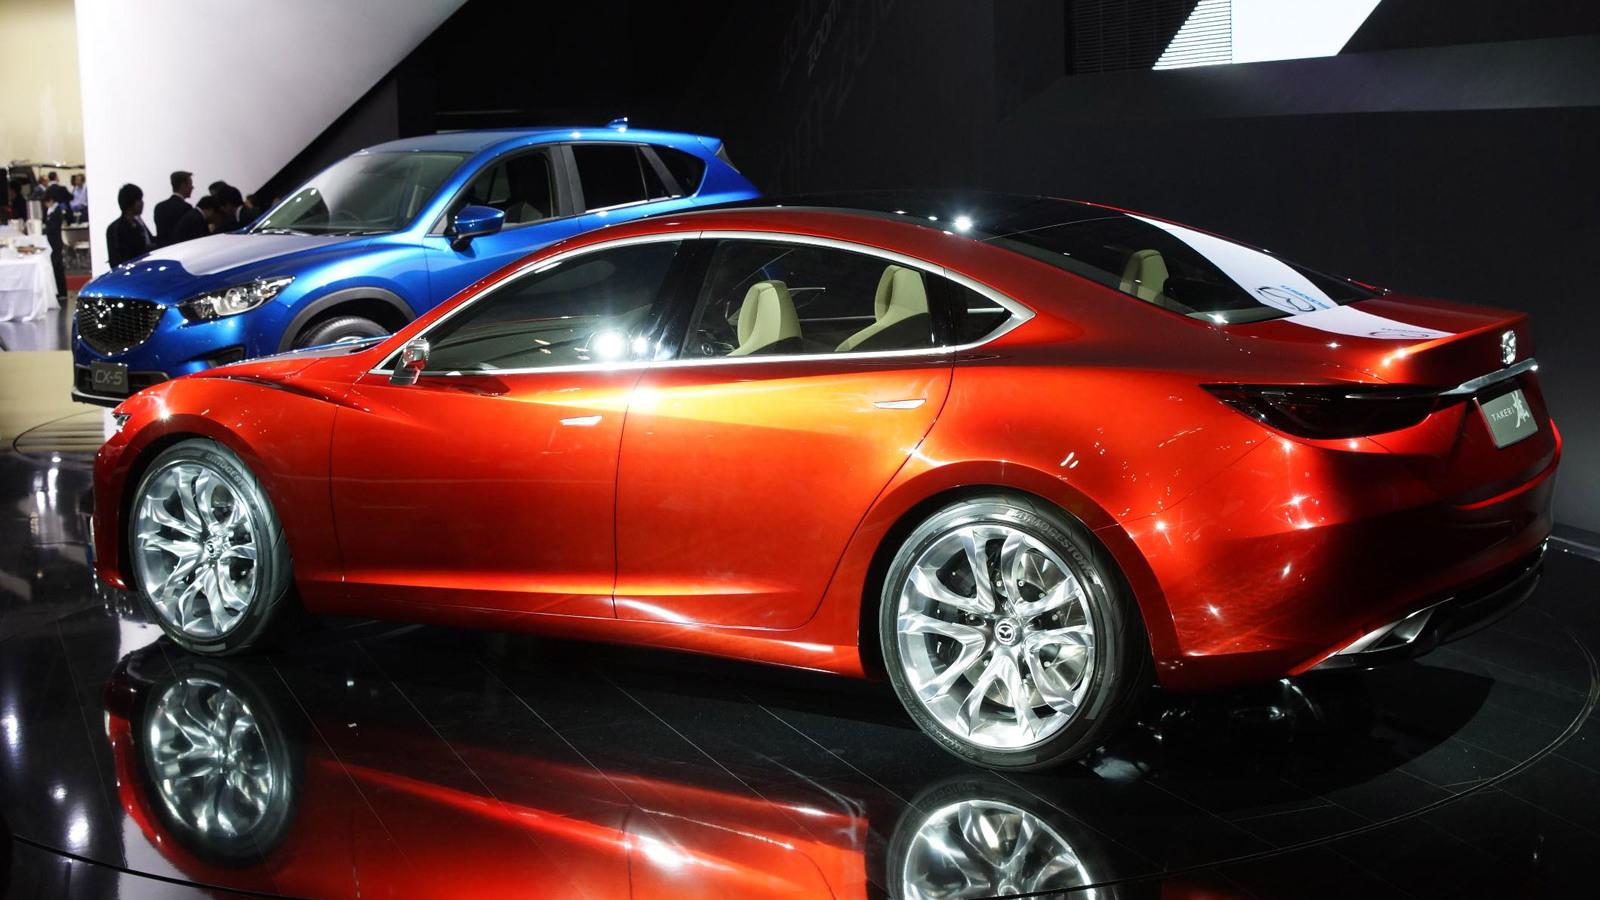 2011 Mazda Takeri Concept live photos